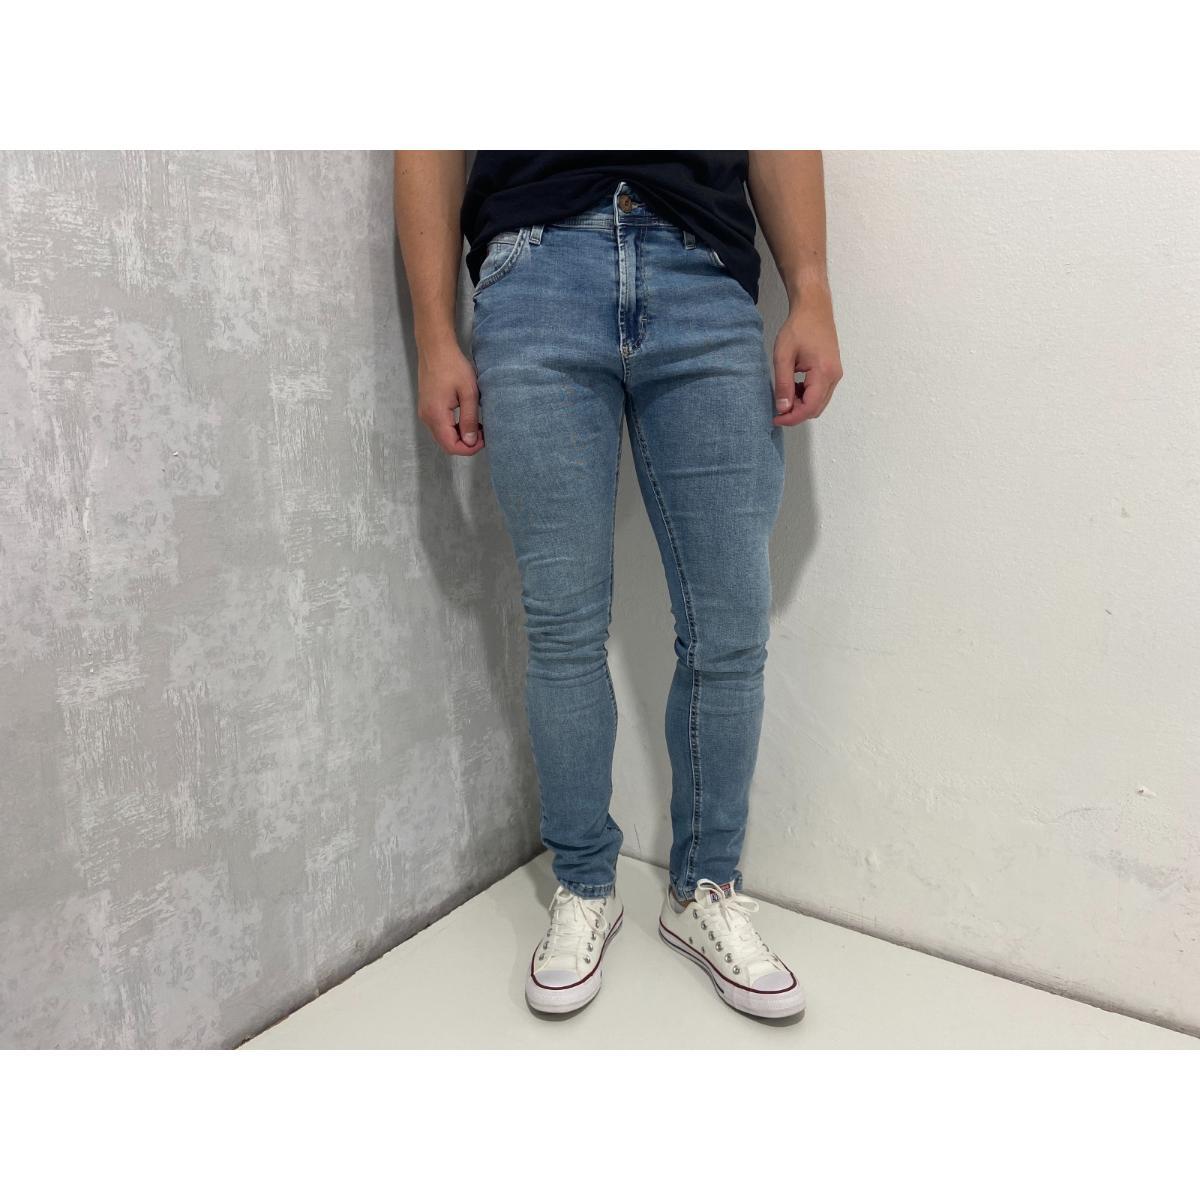 Calça Masculina Index 01.01.004885 Jeans